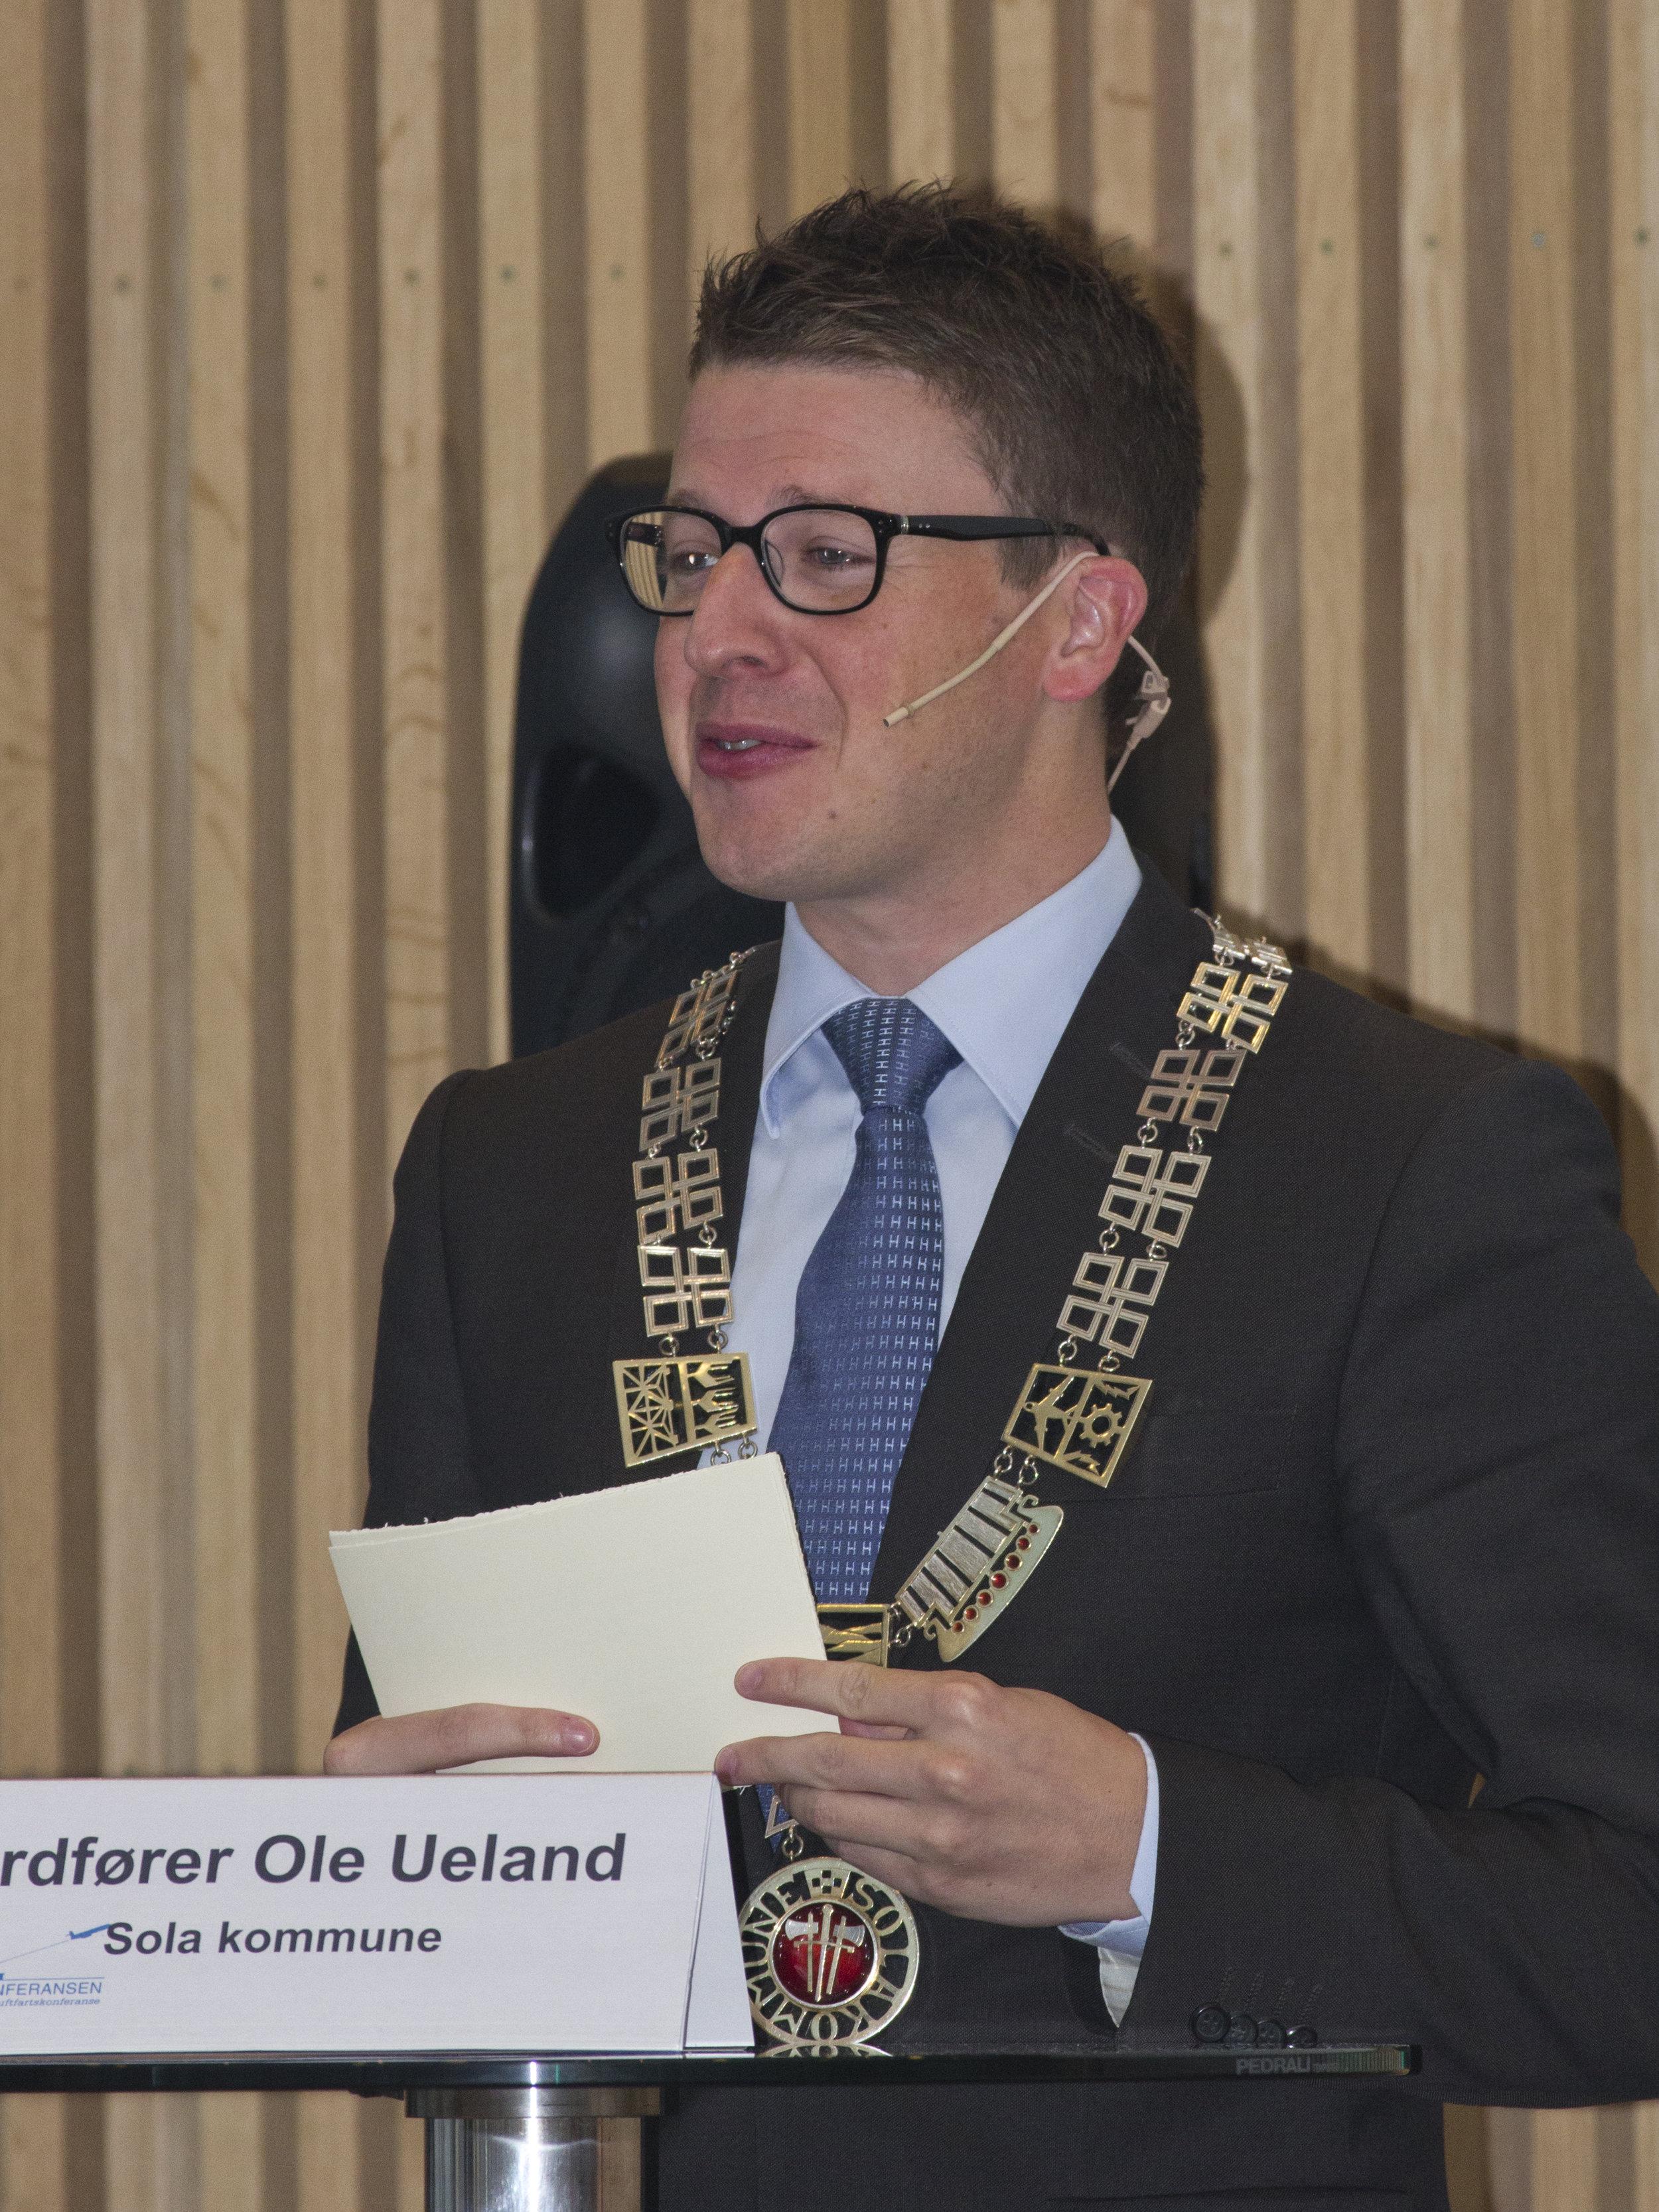 Ordfører Ole Ueland (2).JPG